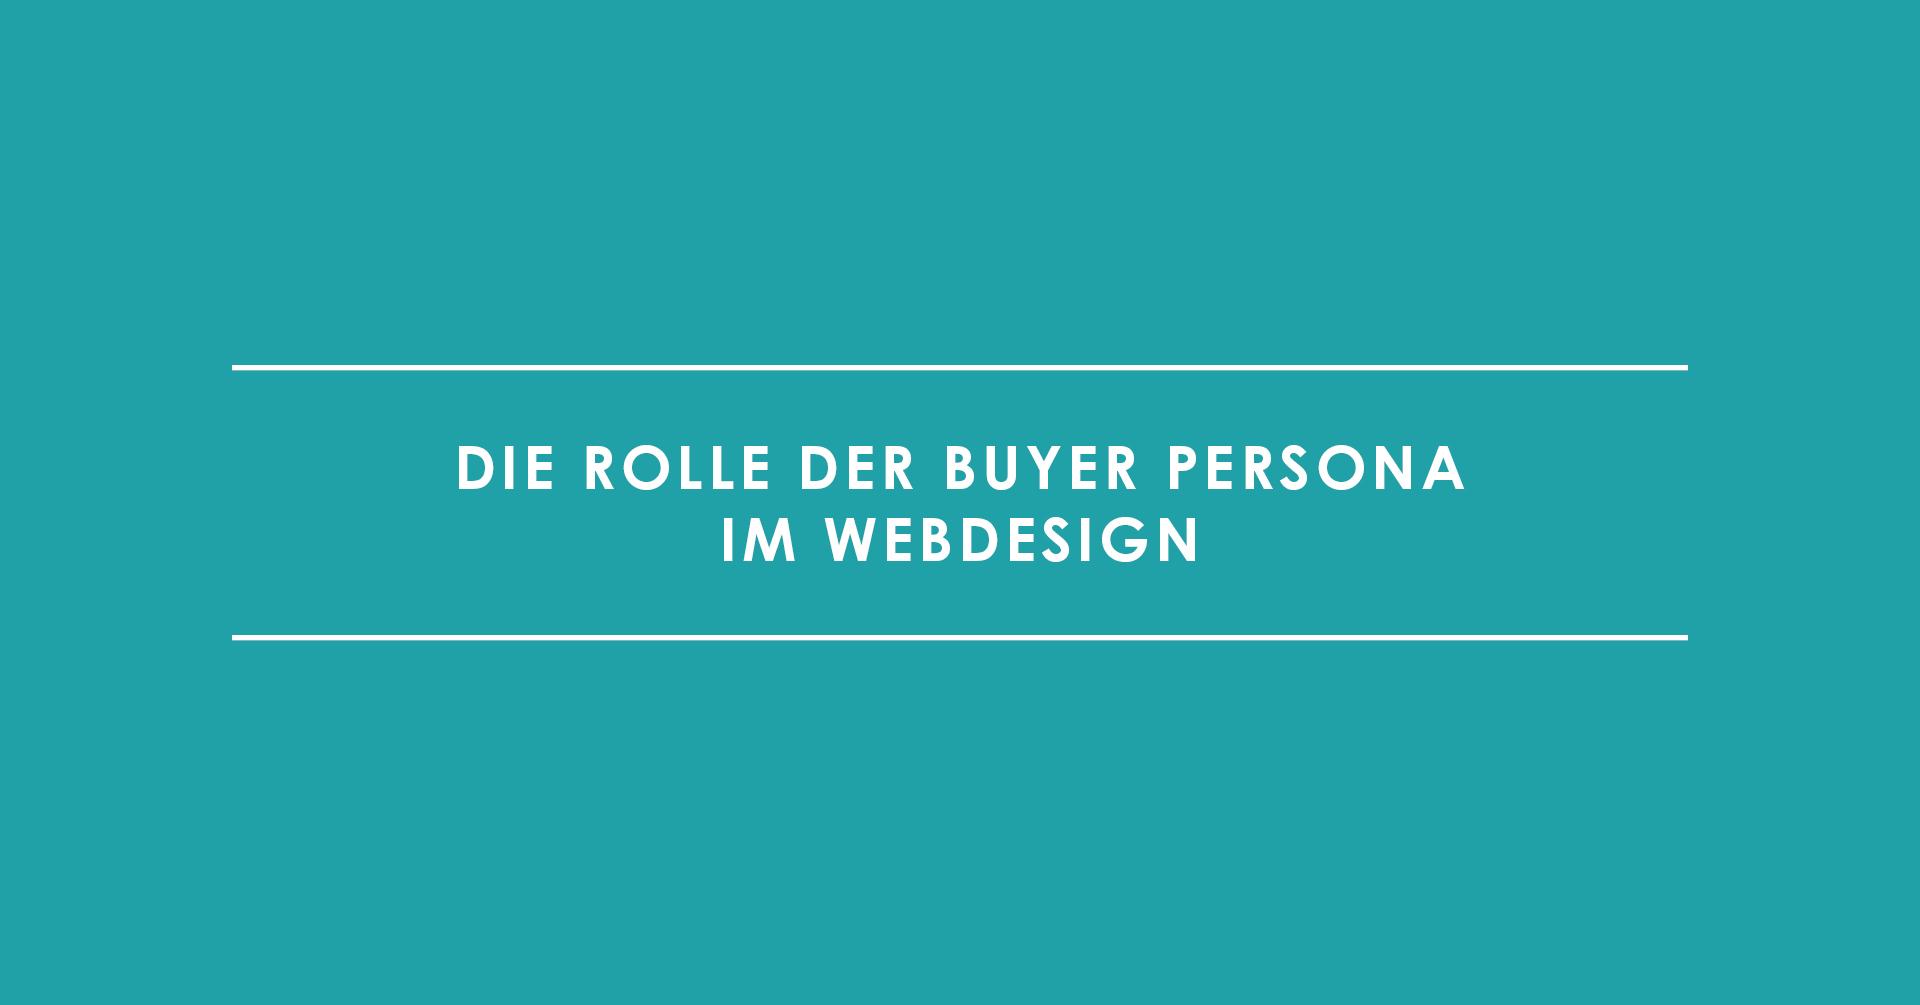 Die Rolle der Buyer Persona im Webdesign